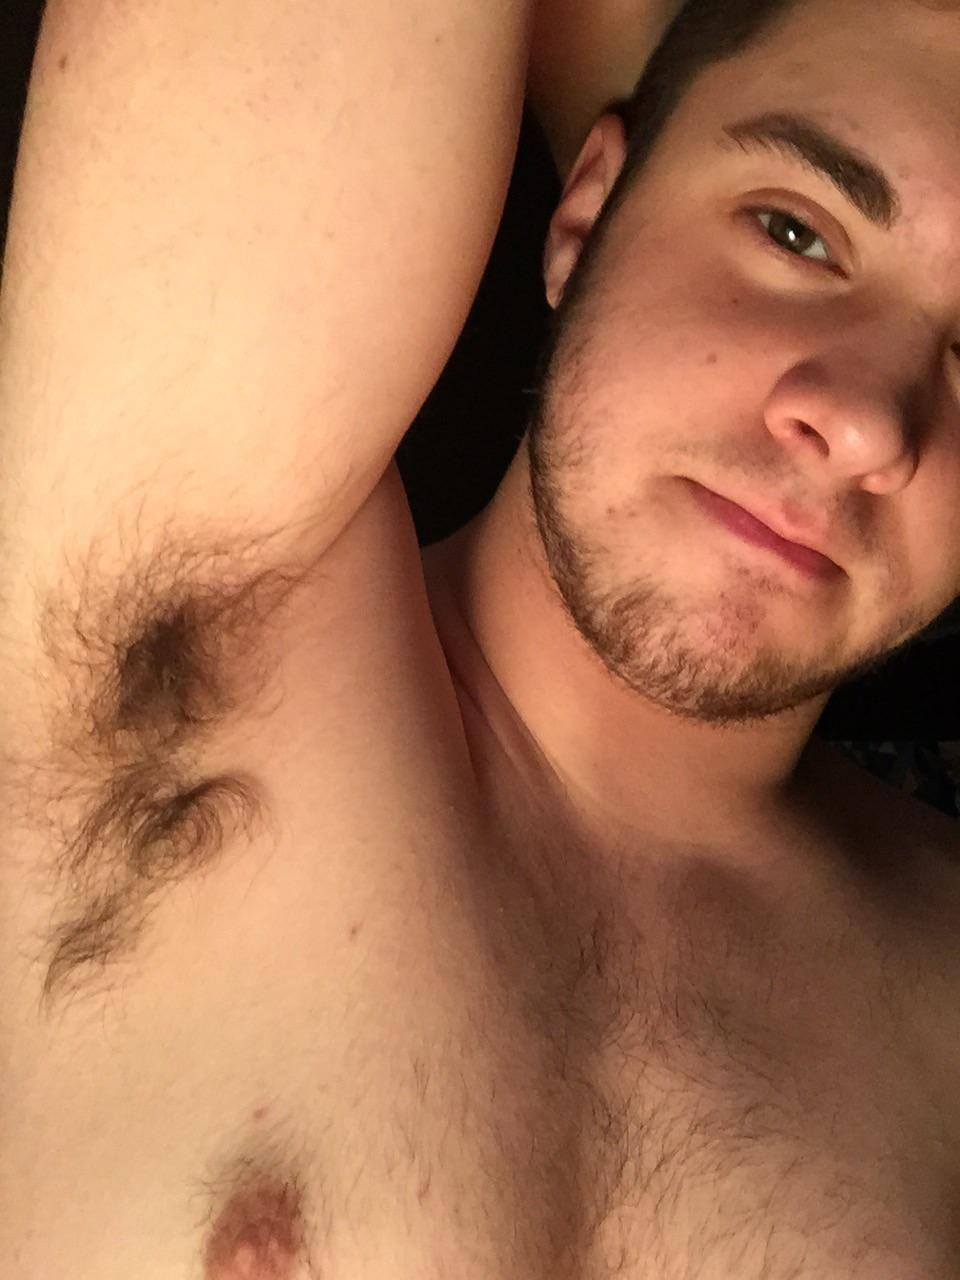 armpits Mens paradise hairy